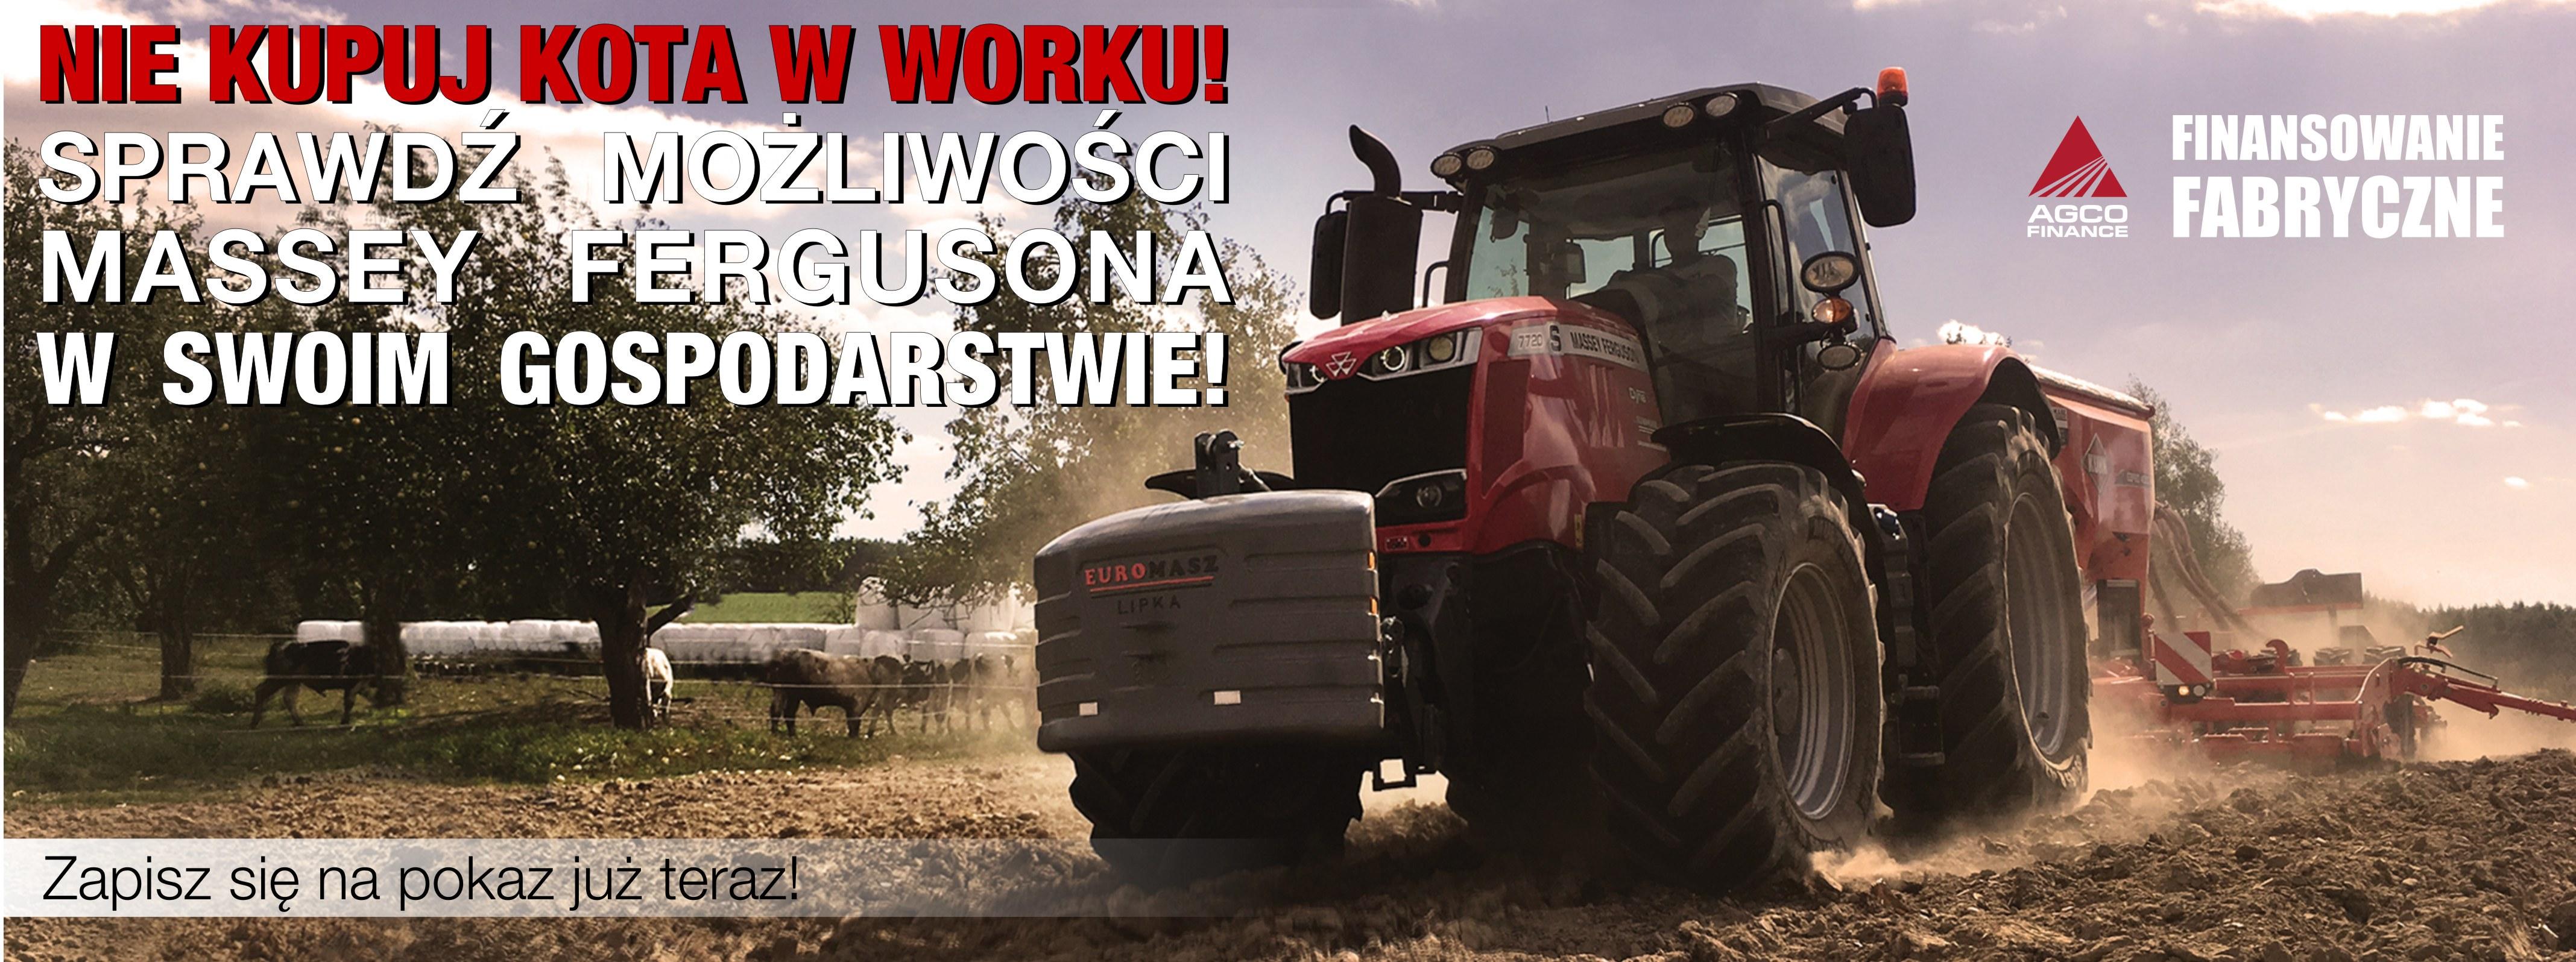 http://euromasz.pl/wp-content/uploads/2018/10/Nie-kupuj-kota-w-worku-baner-10.2018.jpg